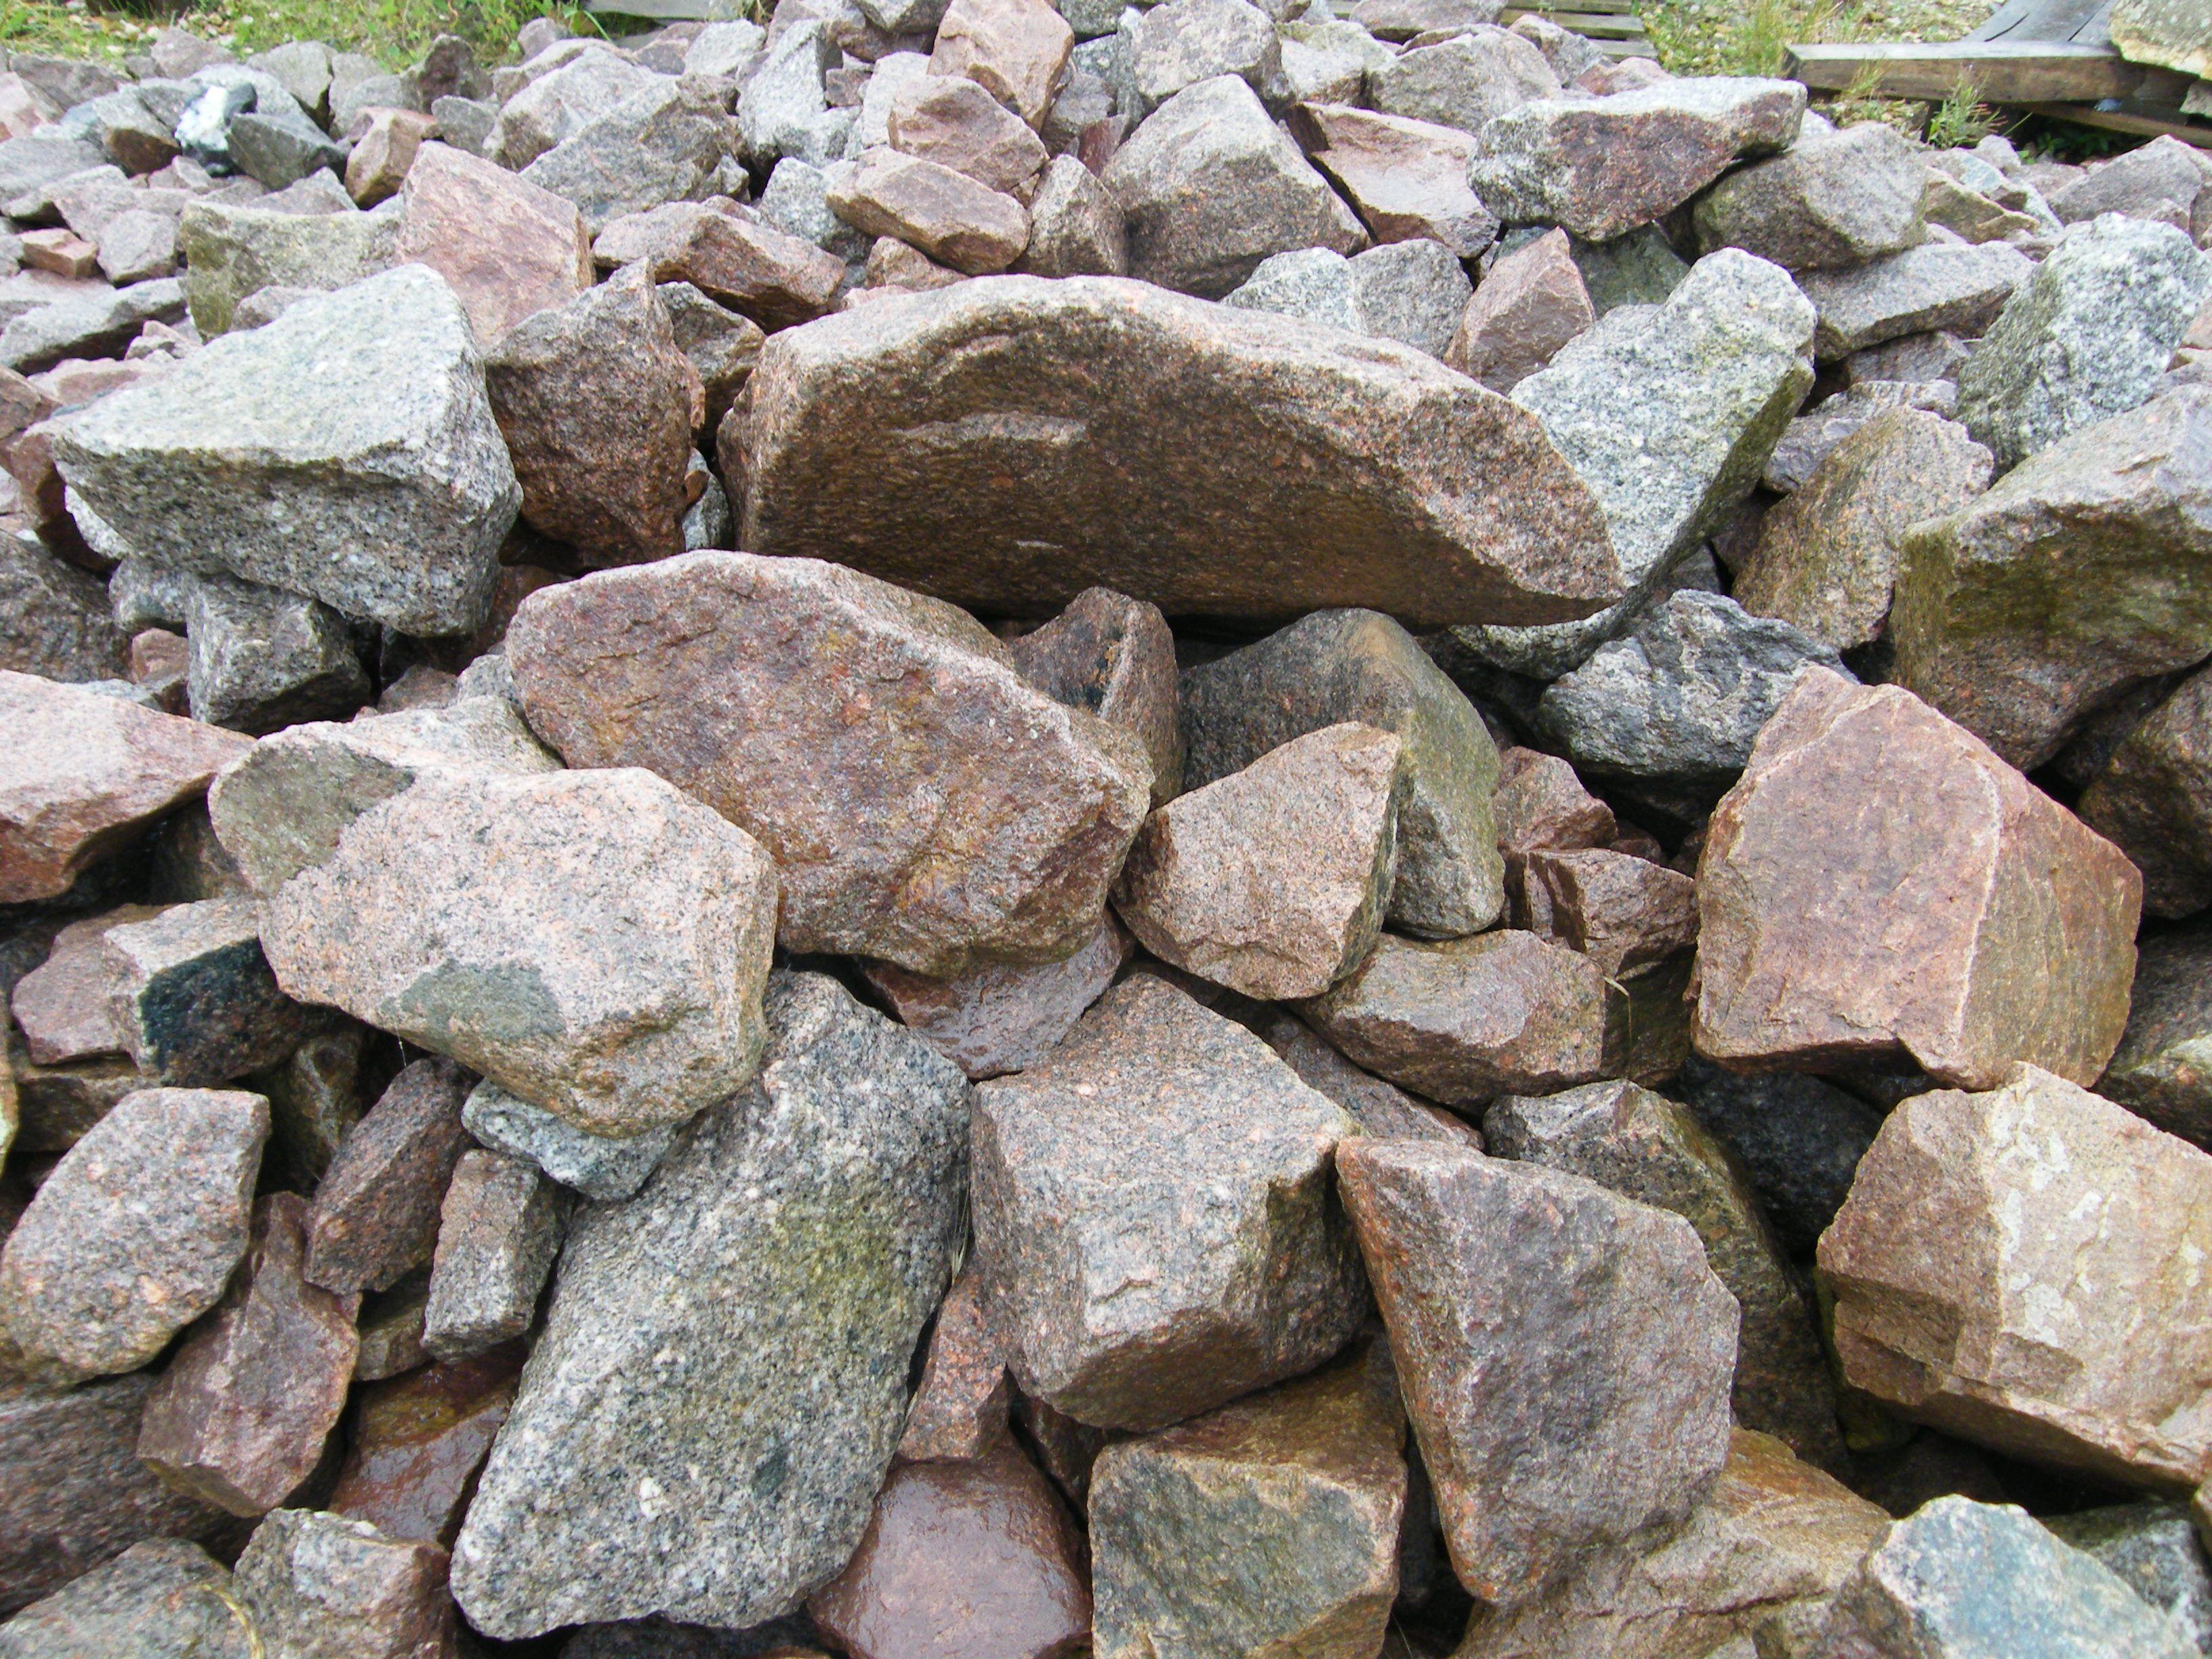 http://yorkstonepavingsupplies.co.uk/rockery%20stone1.JPG